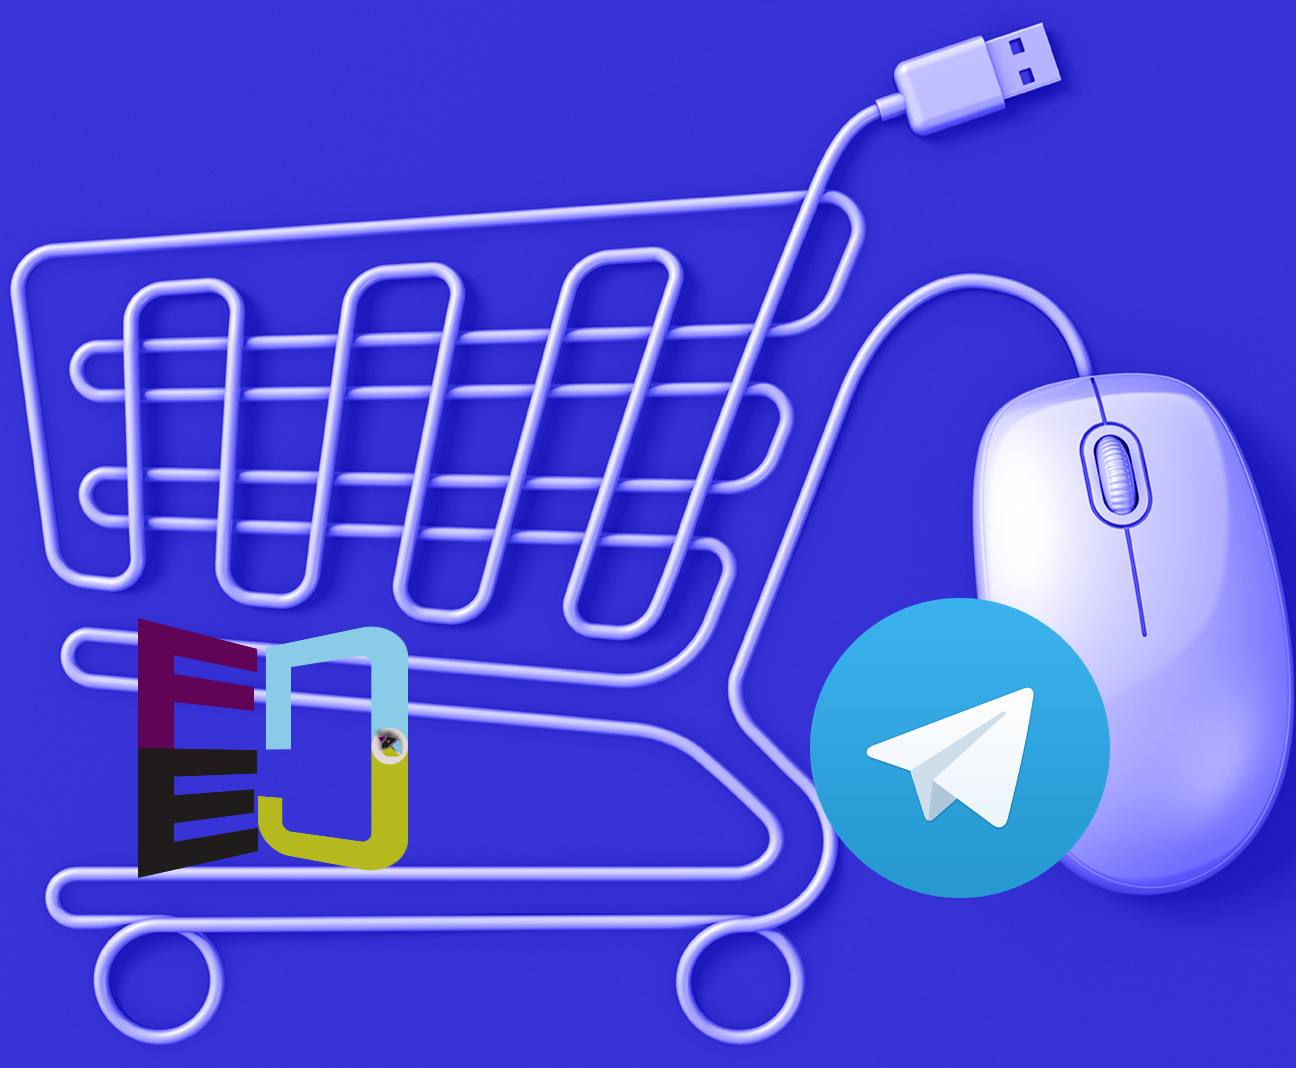 ربات فروشنده تلگرام - اتصال به درگاه پرداخت